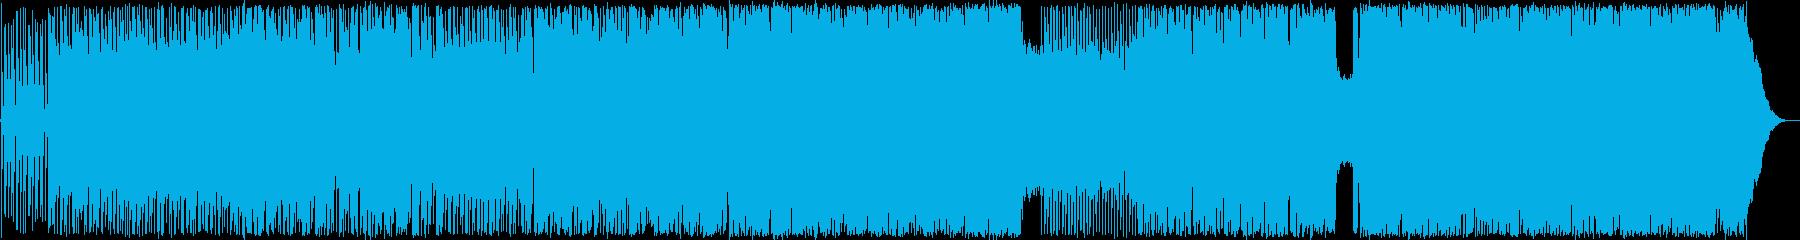 キレのあるリズムと展開のあるギターロックの再生済みの波形